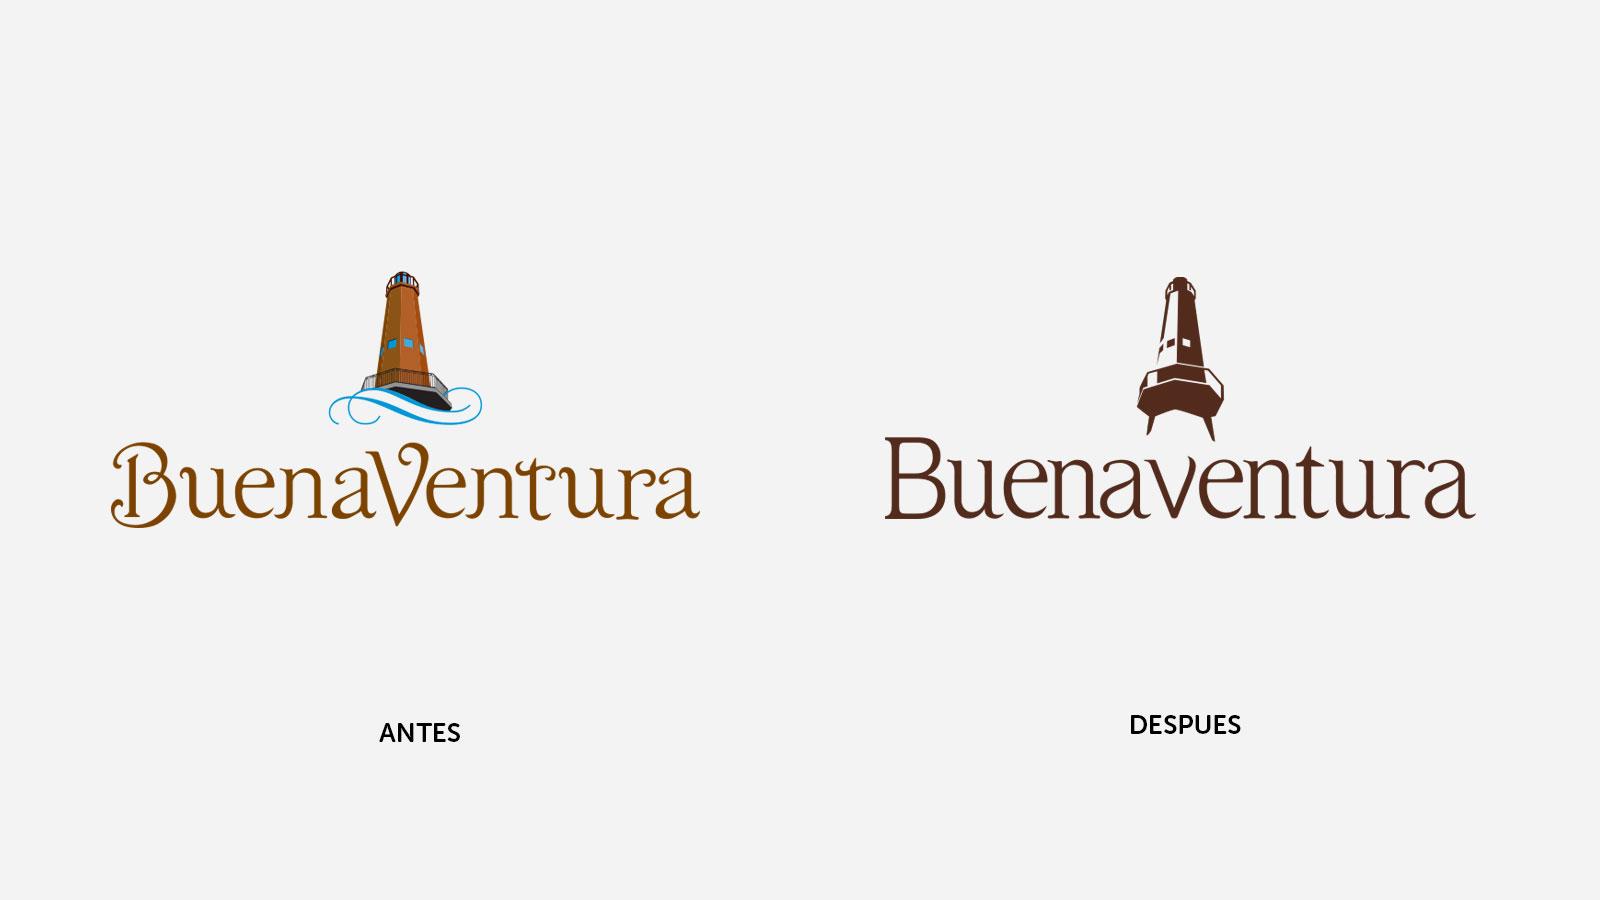 Buenaventura-01